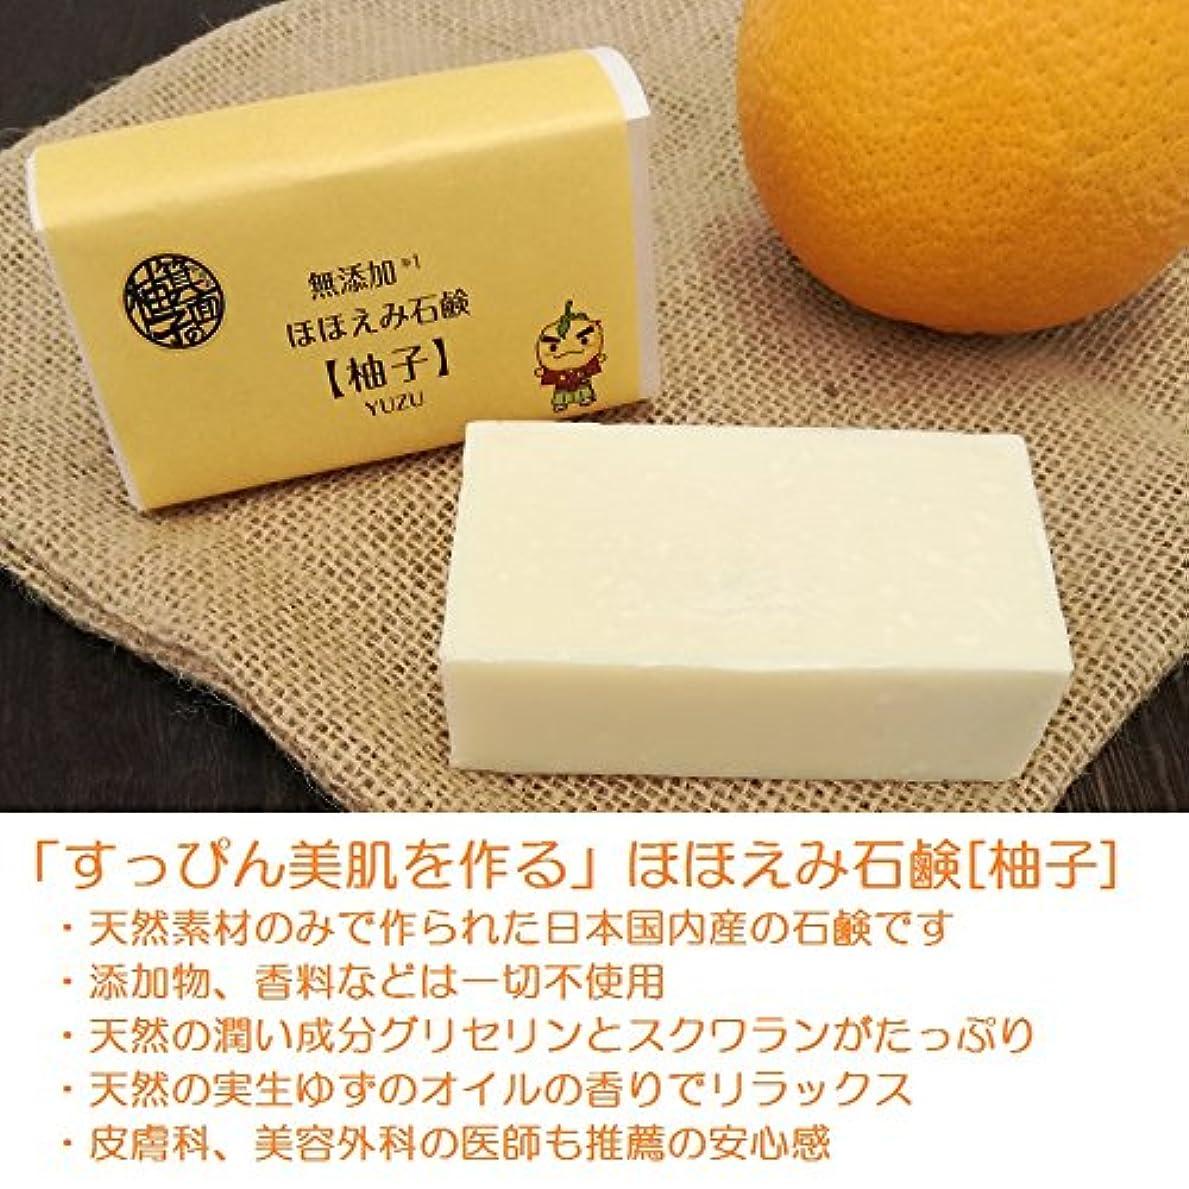 雑草前者傑作すっぴん美肌を作る ほほえみ石鹸 柚子 オリーブオイル 無添加 オーガニック 日本製 80g